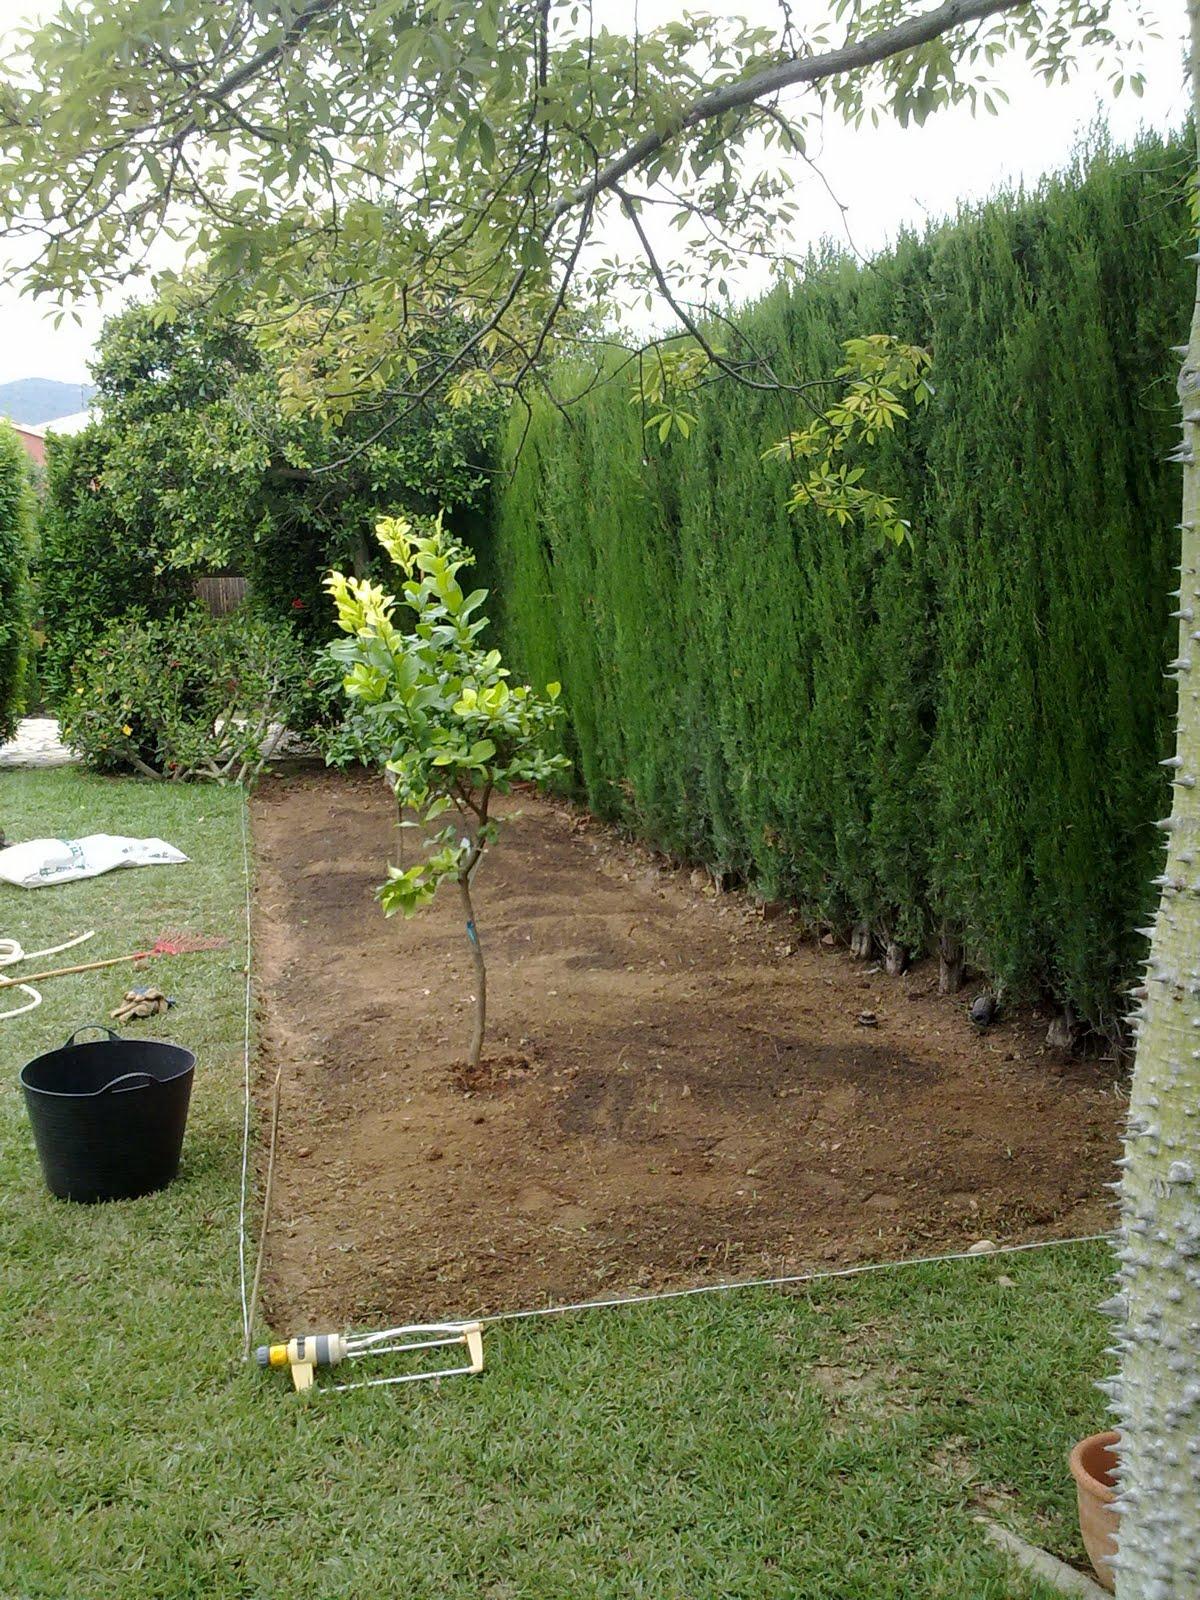 Formajardin crear un peque o huerto en el jard n for Hacer un huerto en el jardin